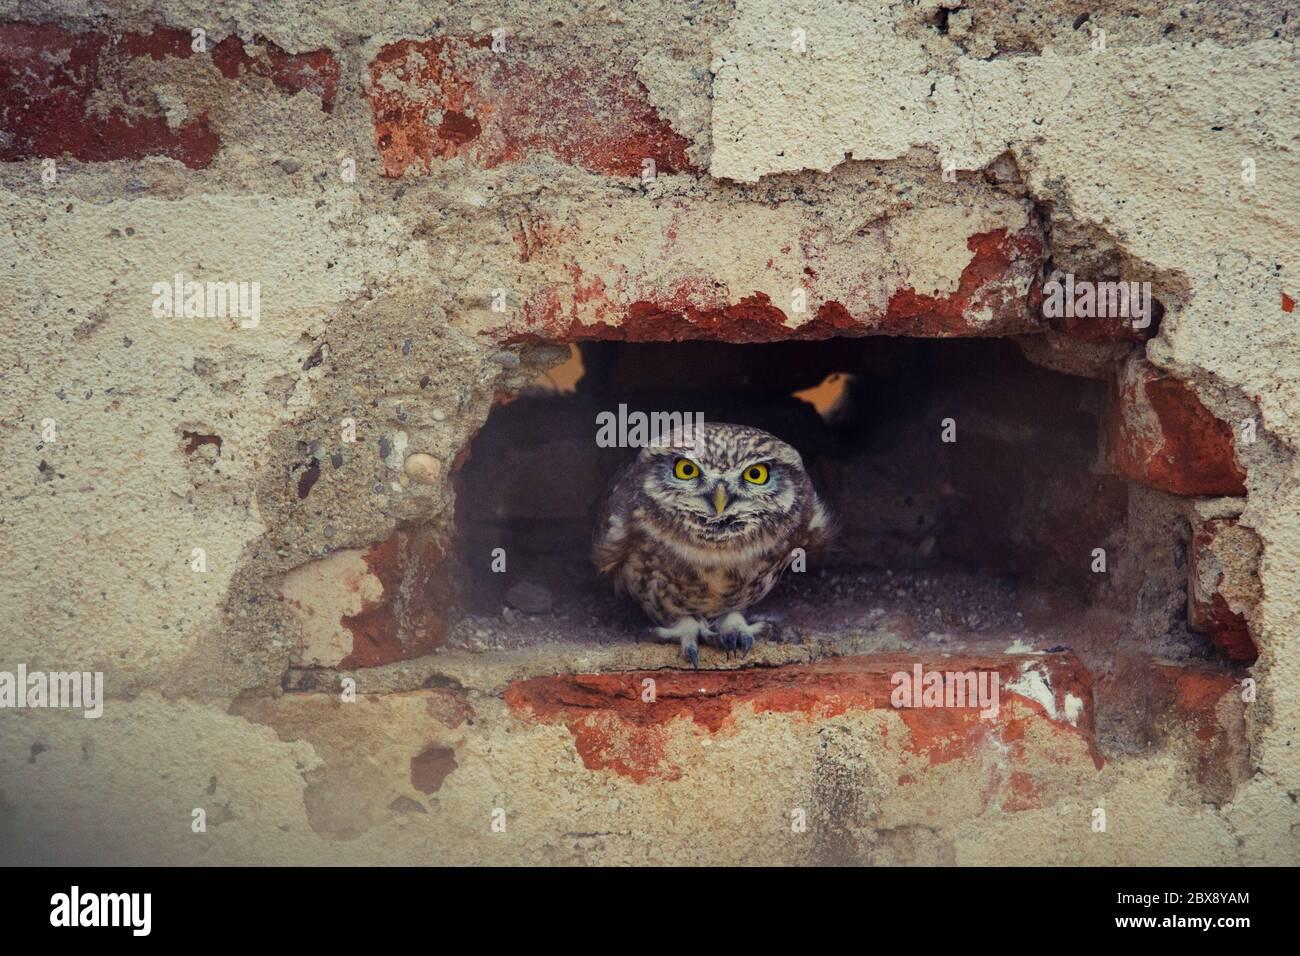 Die kleine Eule (Athene noctua), die aus einem Loch in einer Ziegelwand spähen. Stockfoto